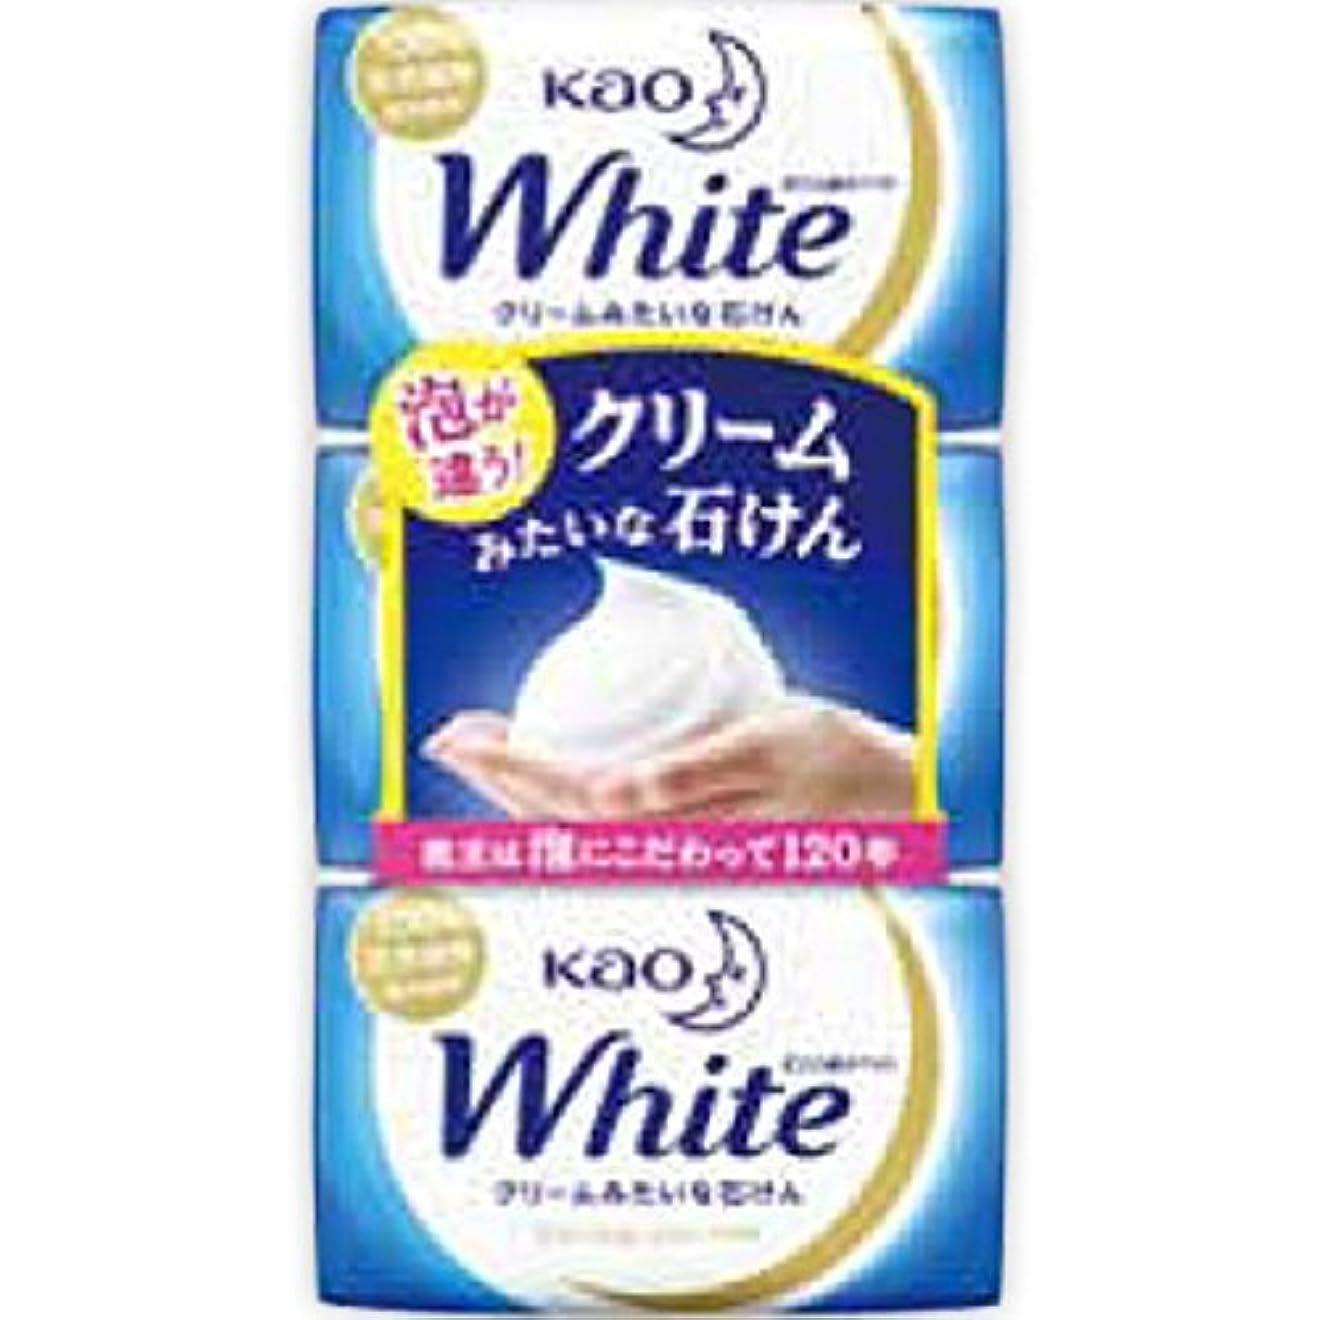 脆いイヤホン逆に花王ホワイト レギュラーサイズ 85g*3個入